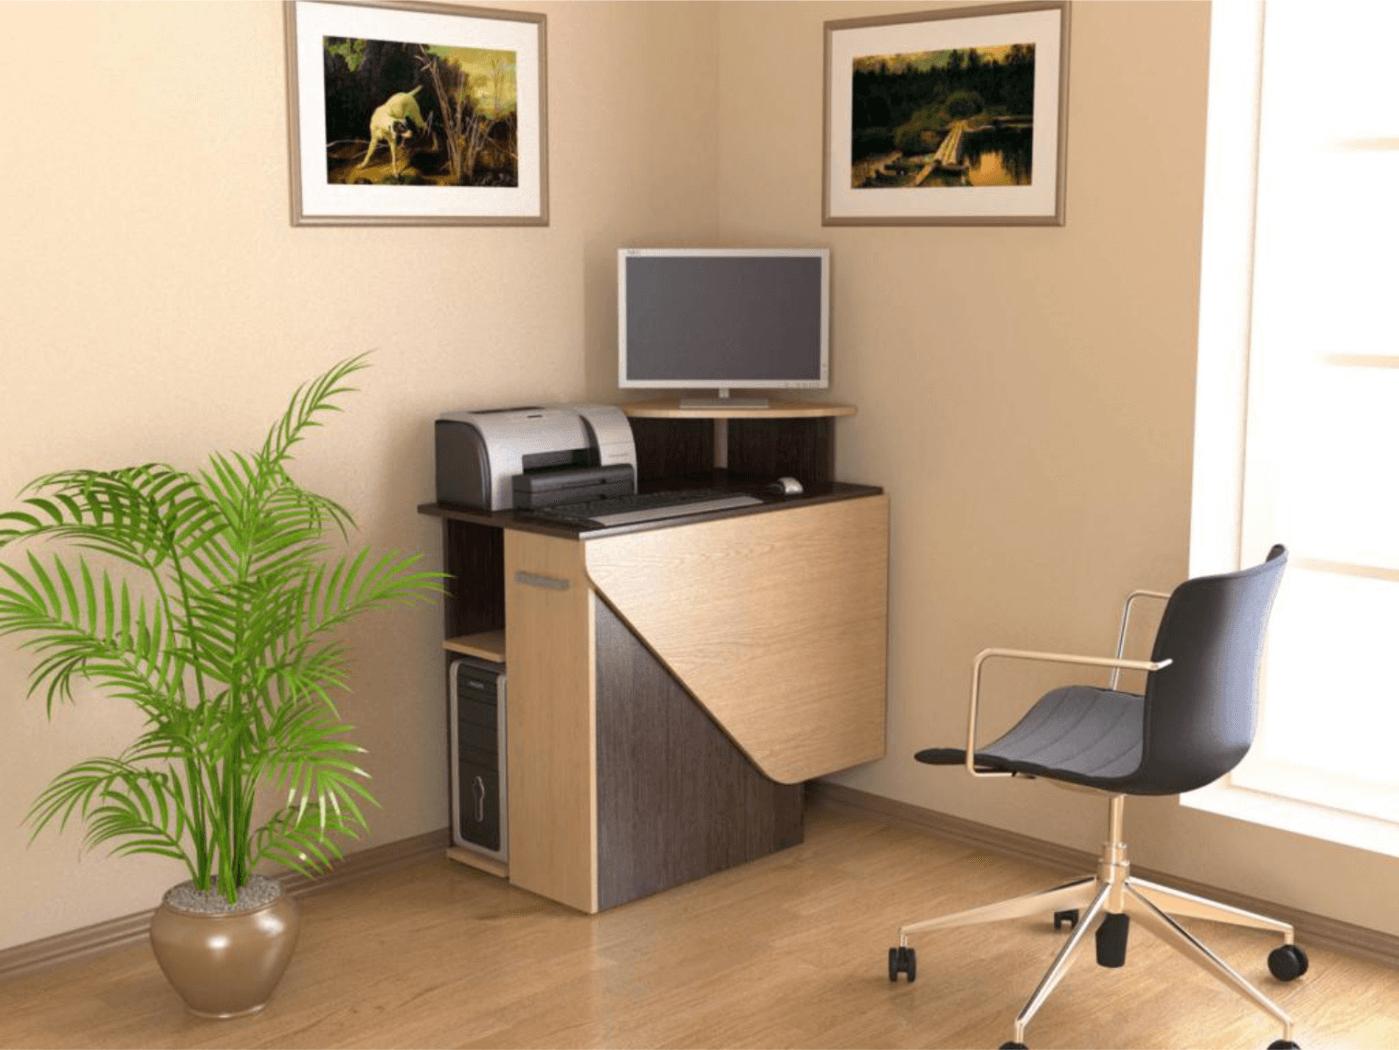 malenkij-kompyuternyj-stol (1)